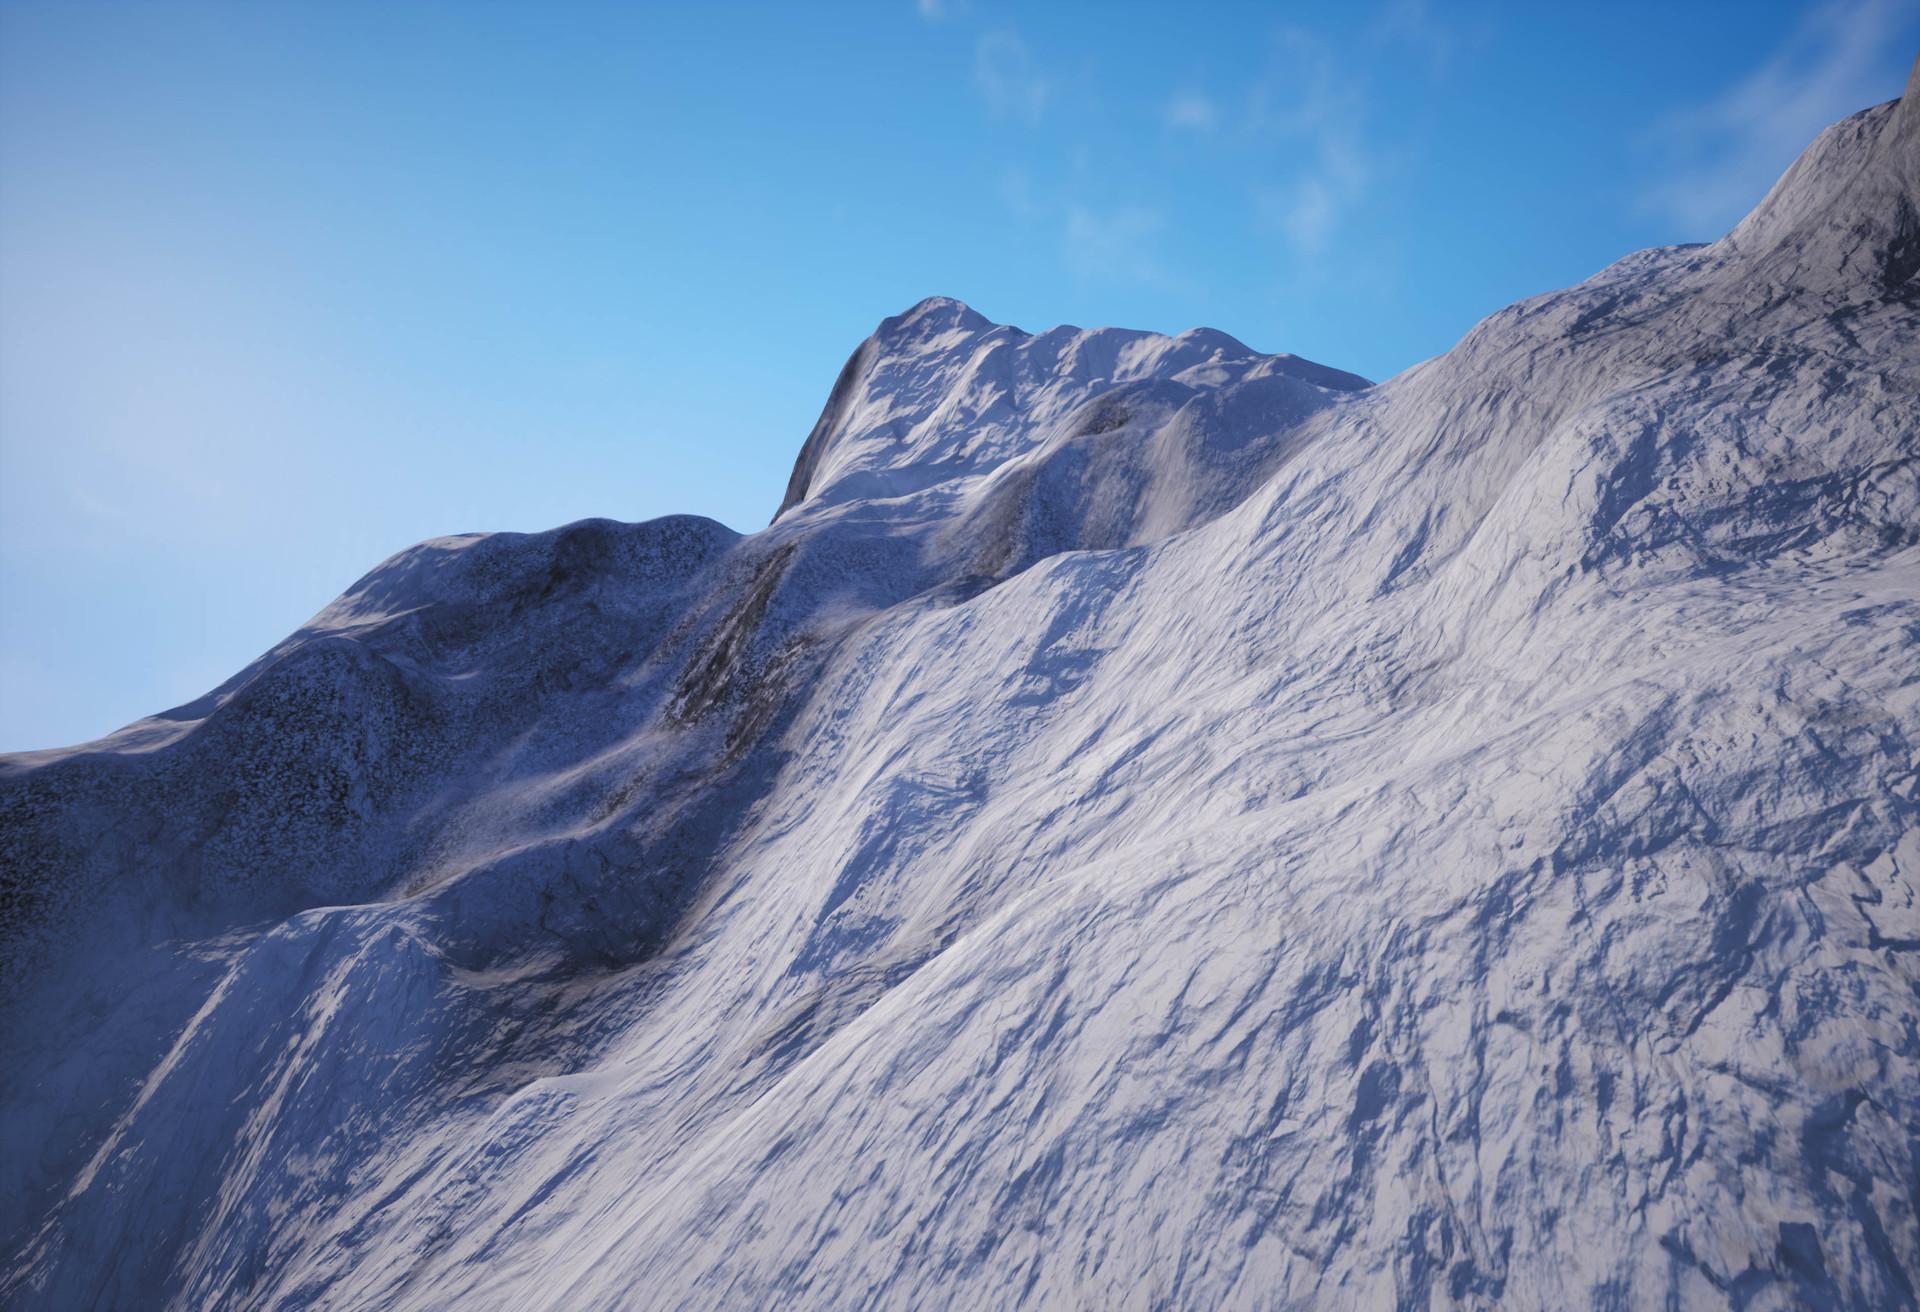 ArtStation - Los Ilinizas Snow Mountains, Franz Vega